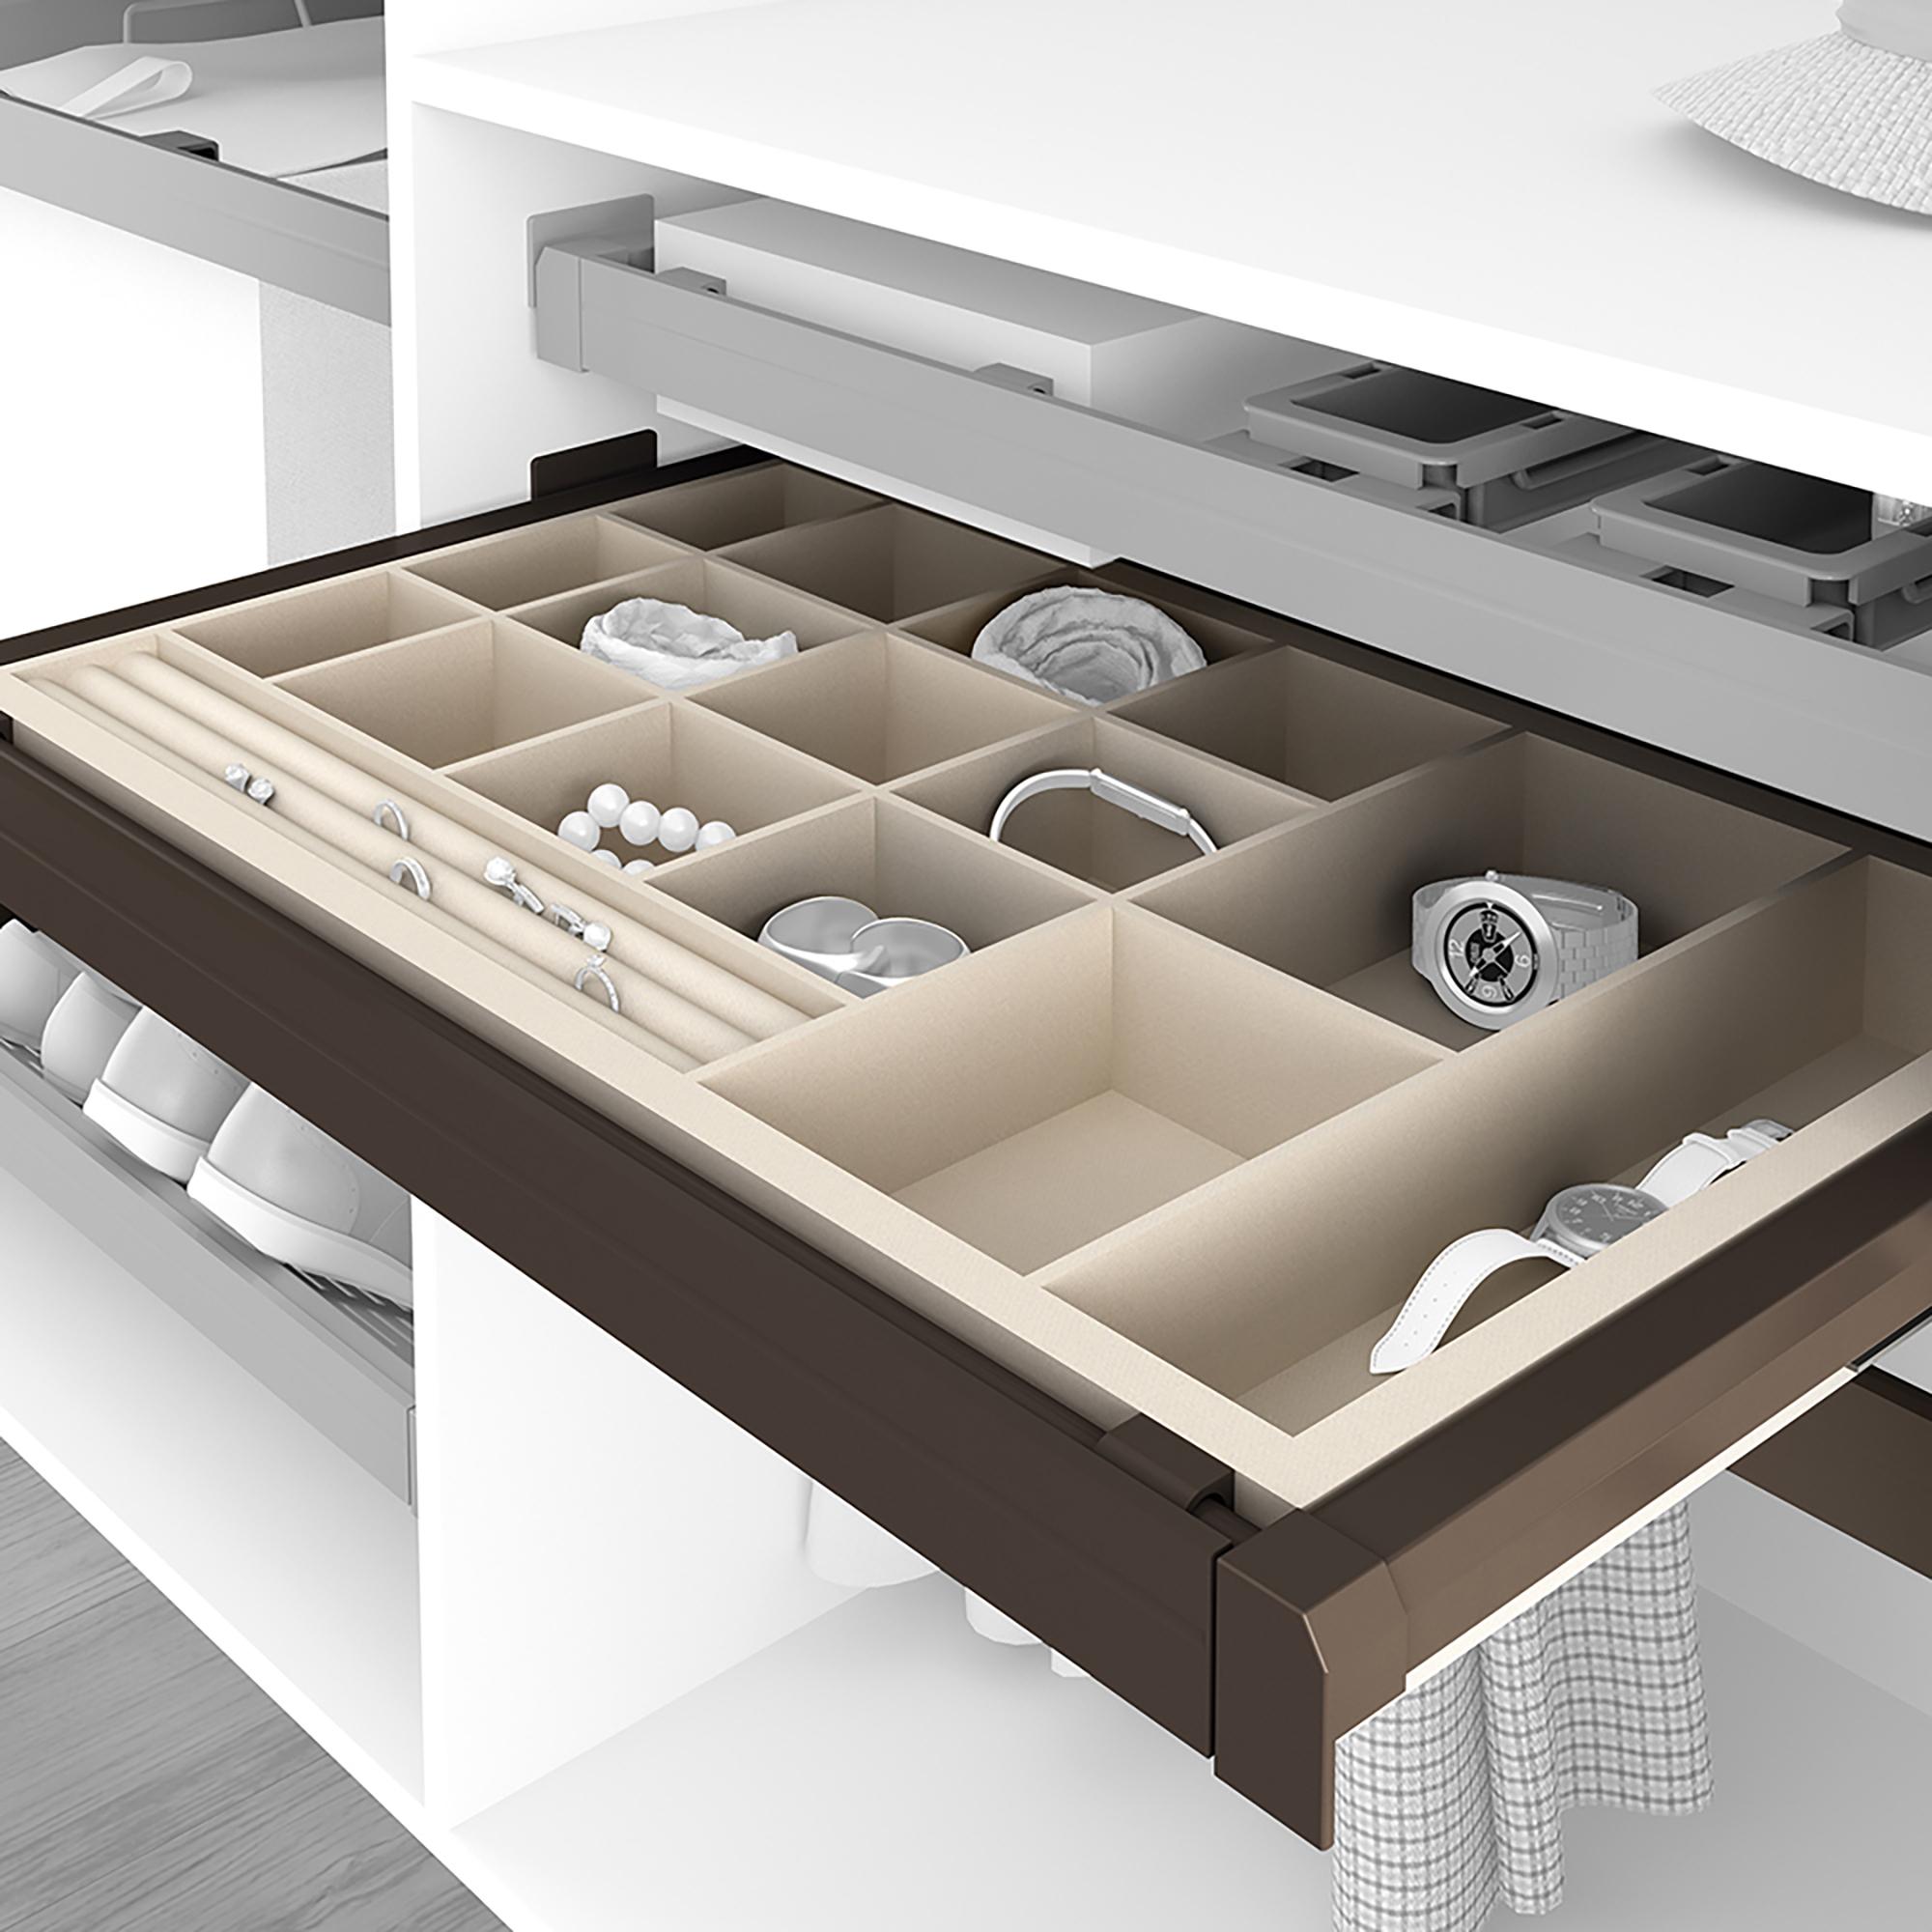 Emuca Kit Portagioielli con guide, regolabile, modulo di 800 mm, Acciaio e Alluminio, Color moka